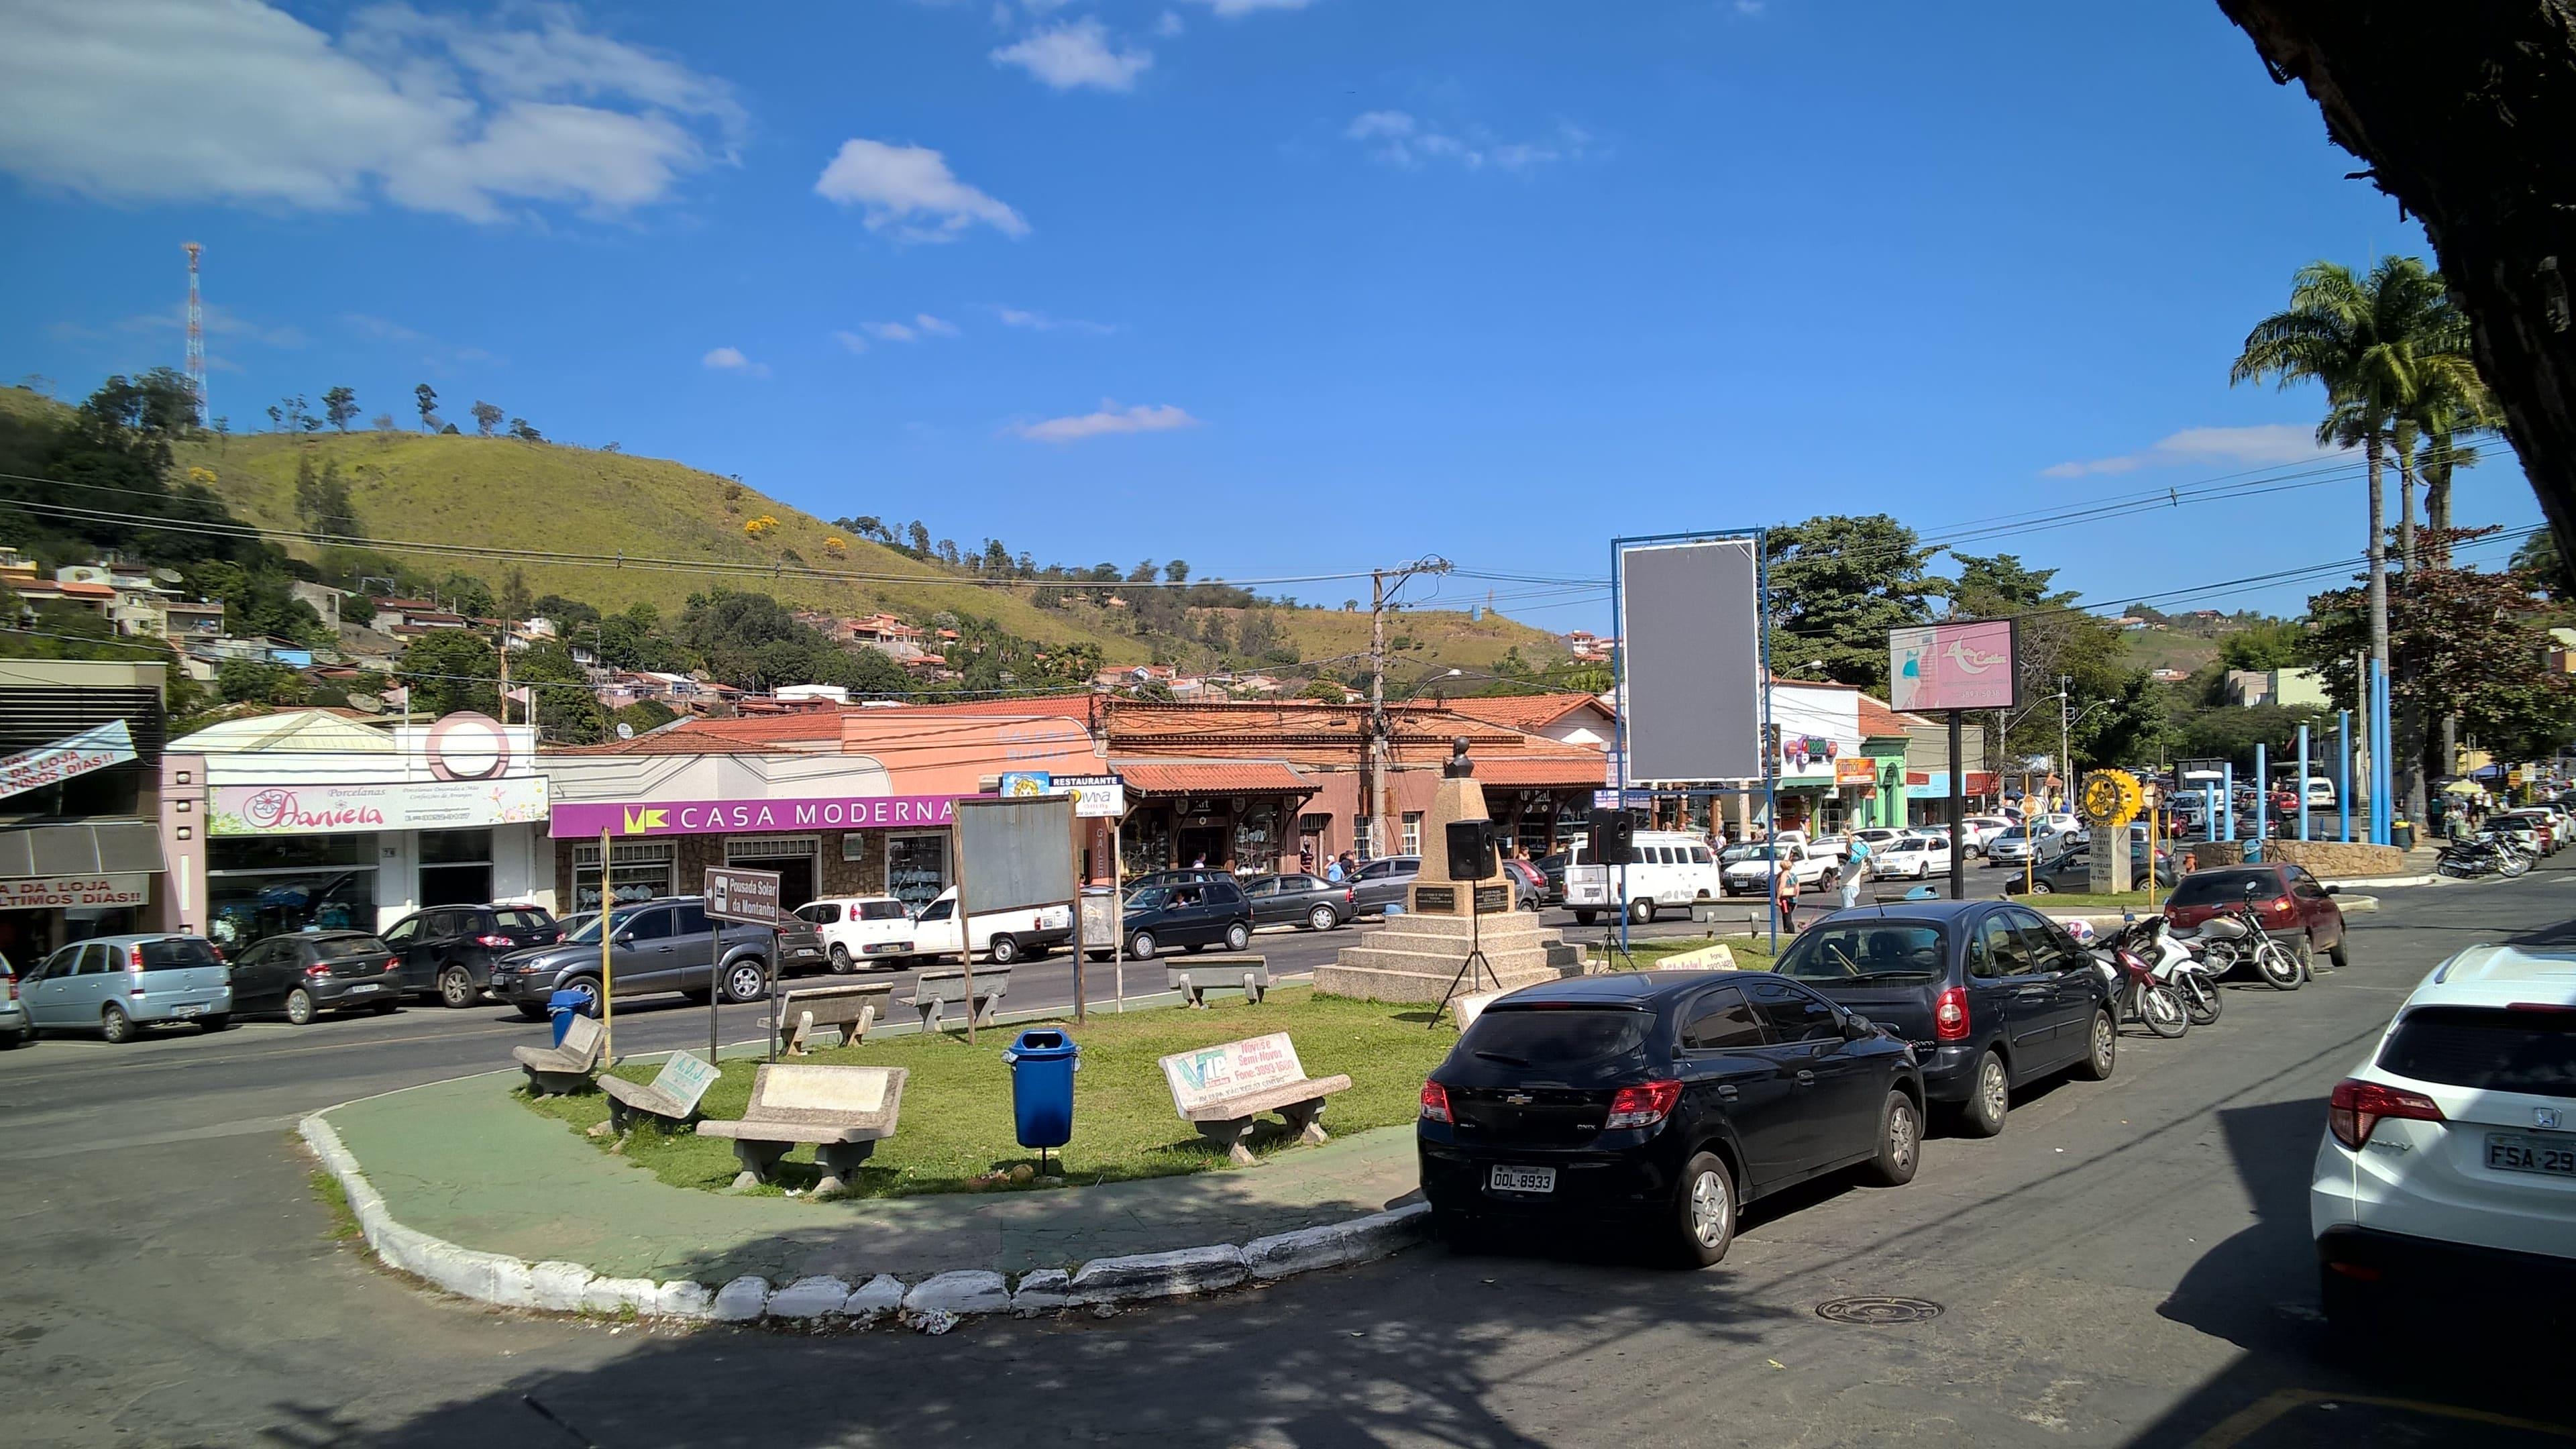 Imagens das lojas que existem na cidade para auxiliar esses empreendedores a escolherem abrir empresa em Pedreira